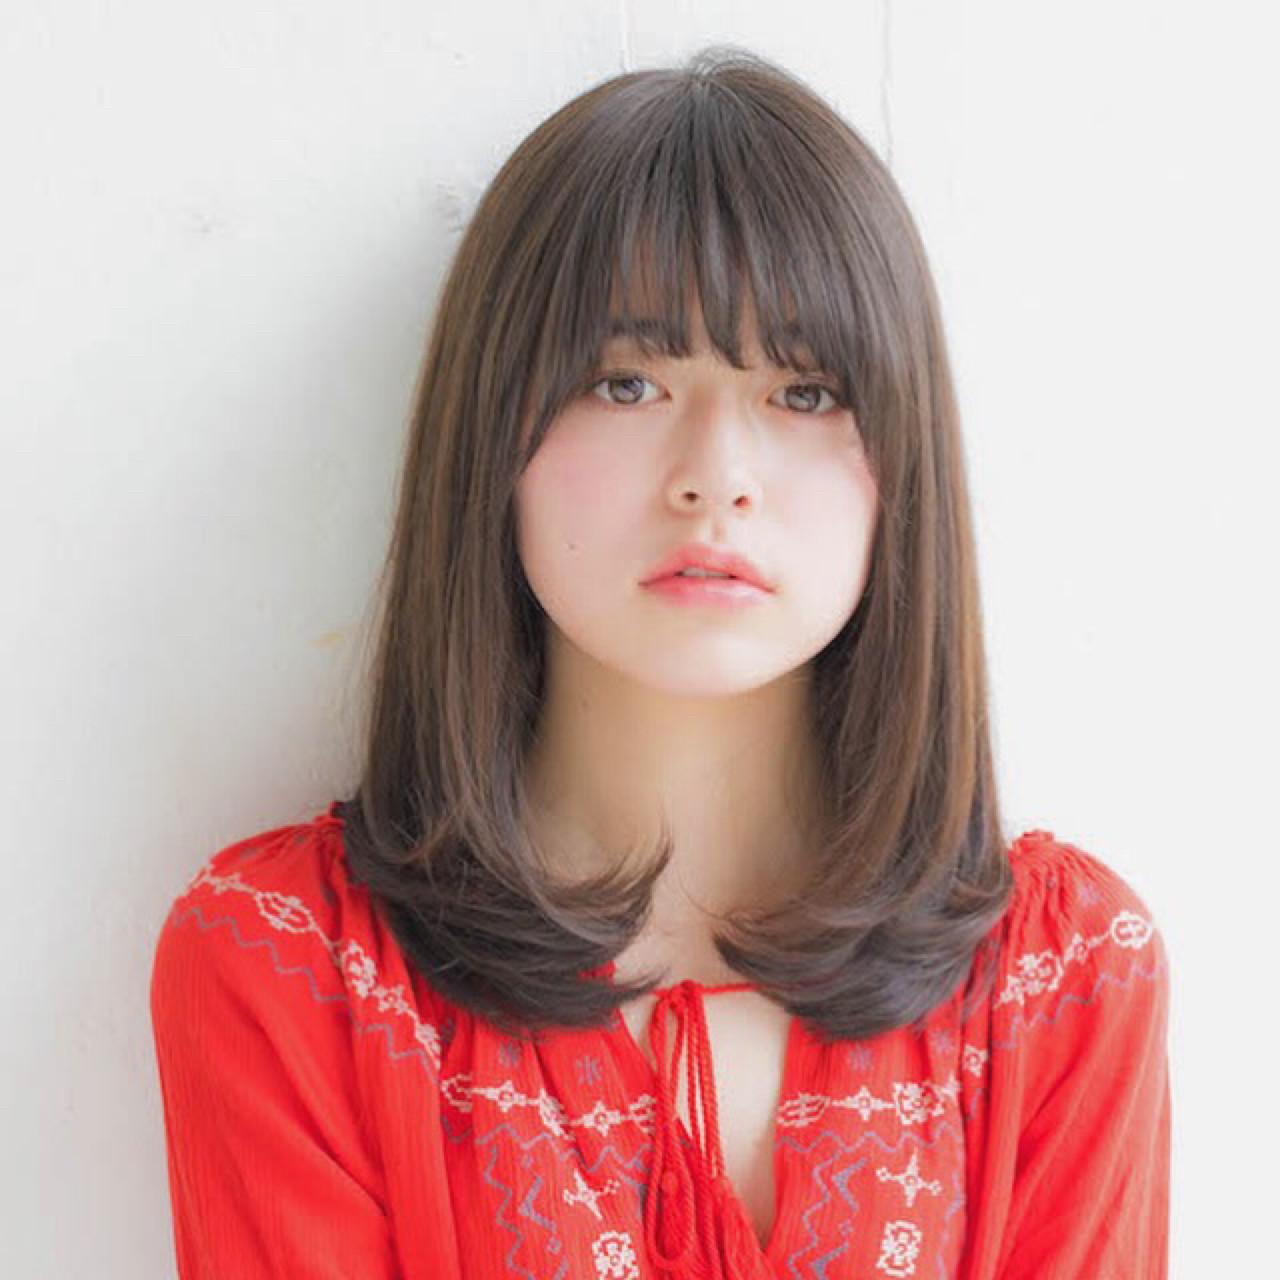 前髪あり 透明感 大人かわいい 女子力 ヘアスタイルや髪型の写真・画像